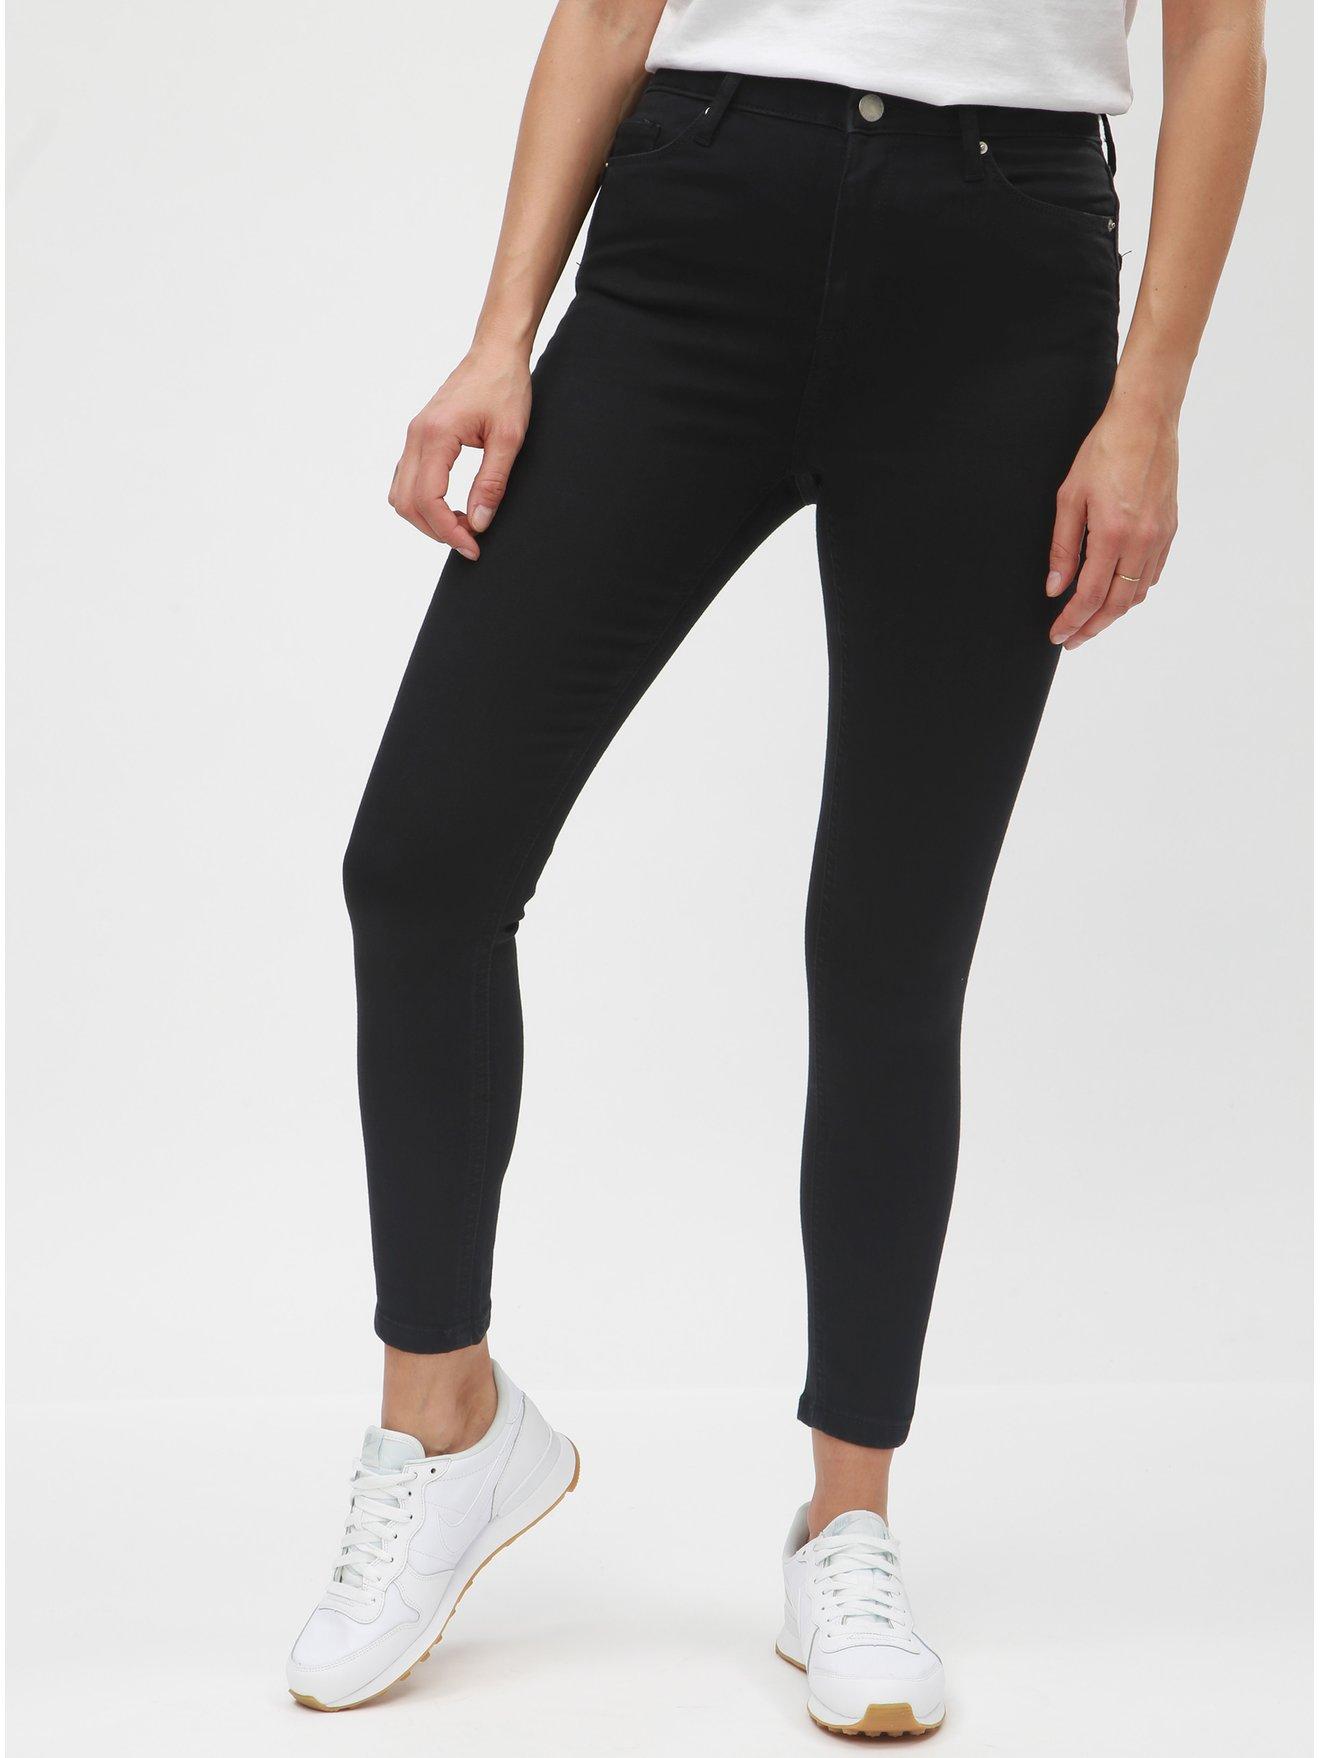 a1ea06648c0 Černé super skinny džíny Miss Selfridge lizzie